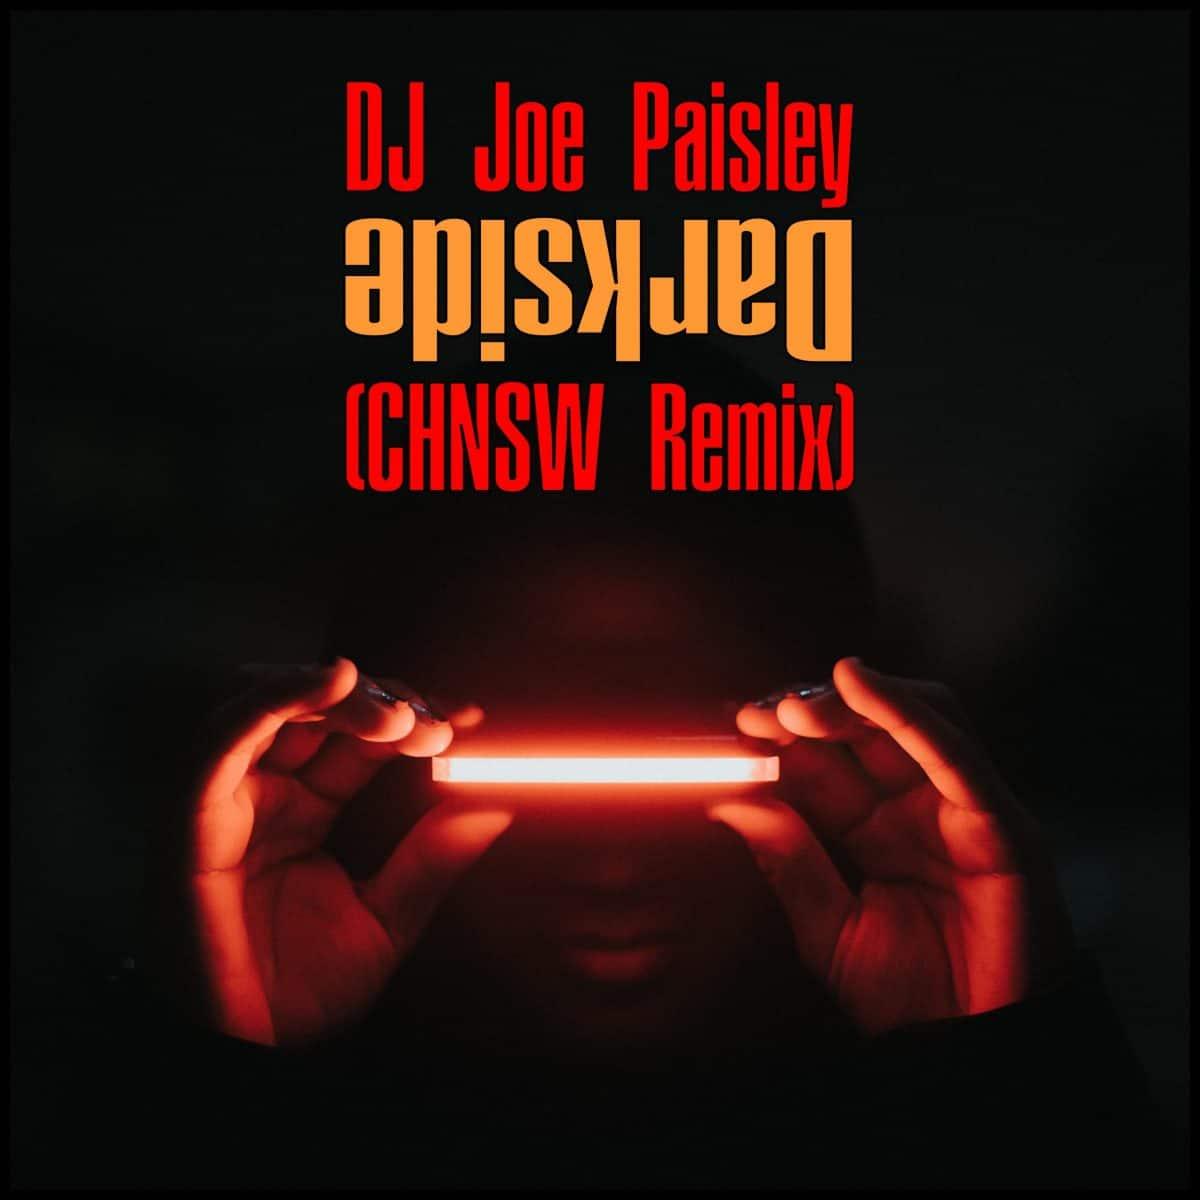 Darkside (CHNSW Remix)